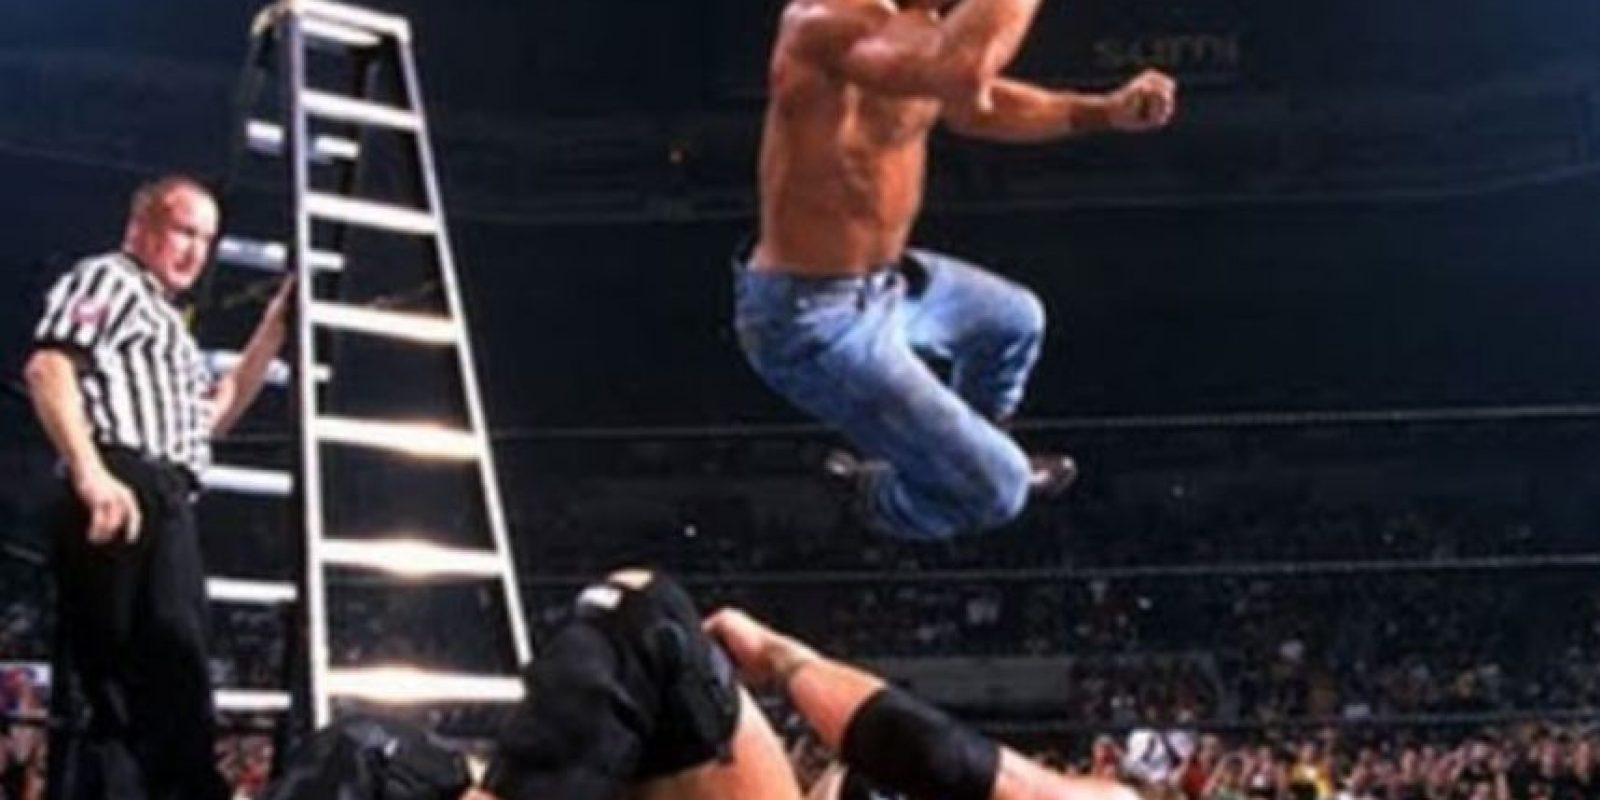 Dos emblemáticos luchadores de la Era Attitude en uno de los mejores eventos de la empresa. Foto:WWE